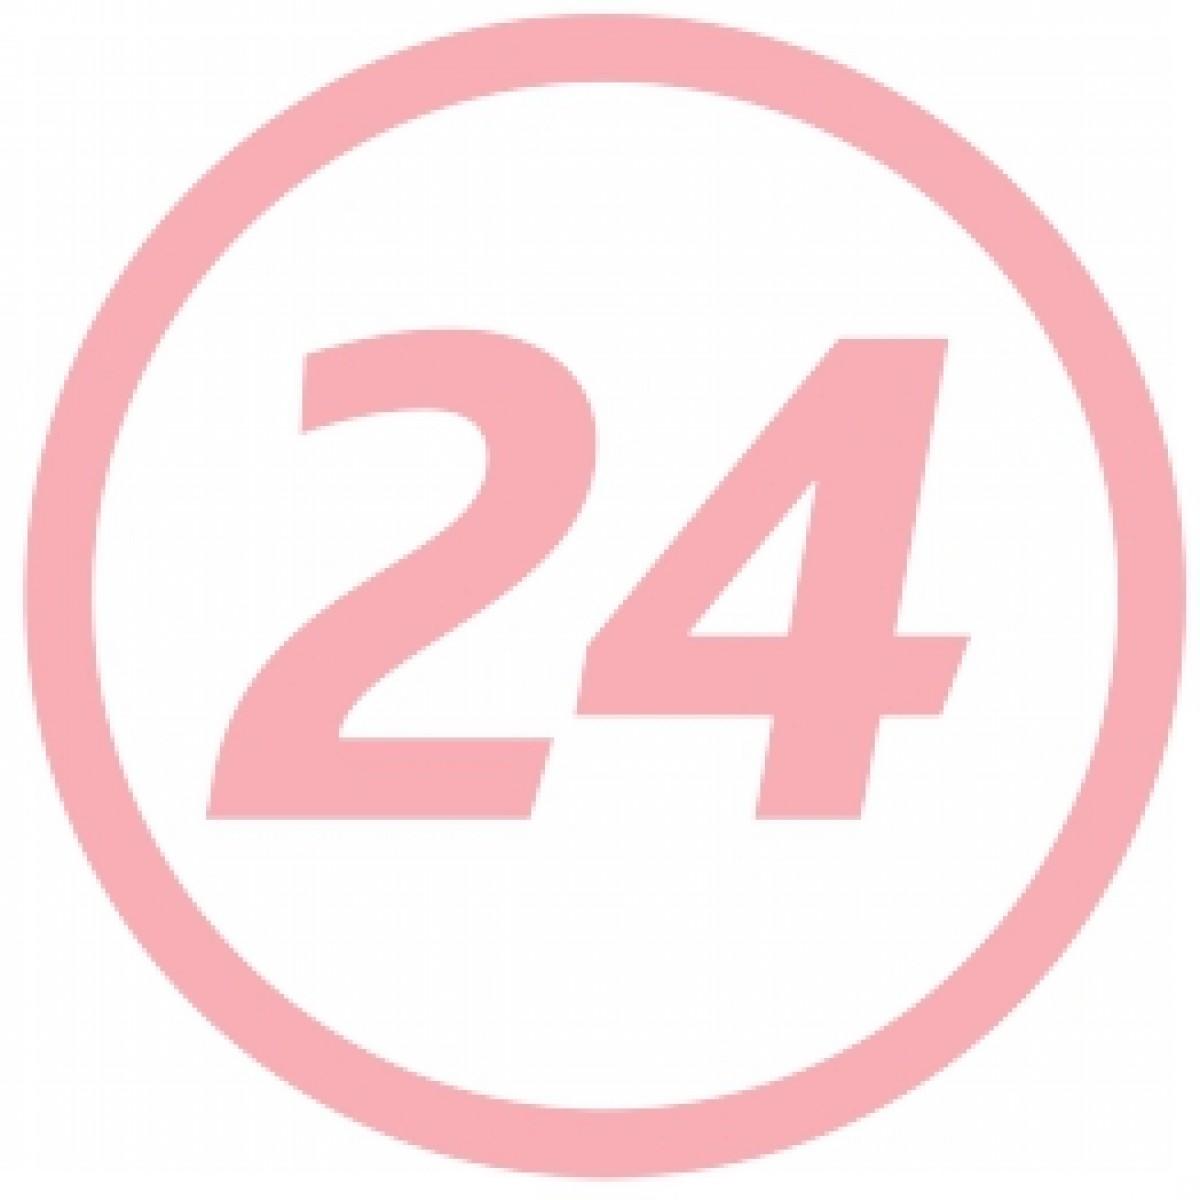 Tommee Tippee Pachet 4 Rezerve Sangenic + Cos Hygiene Plus CADOU